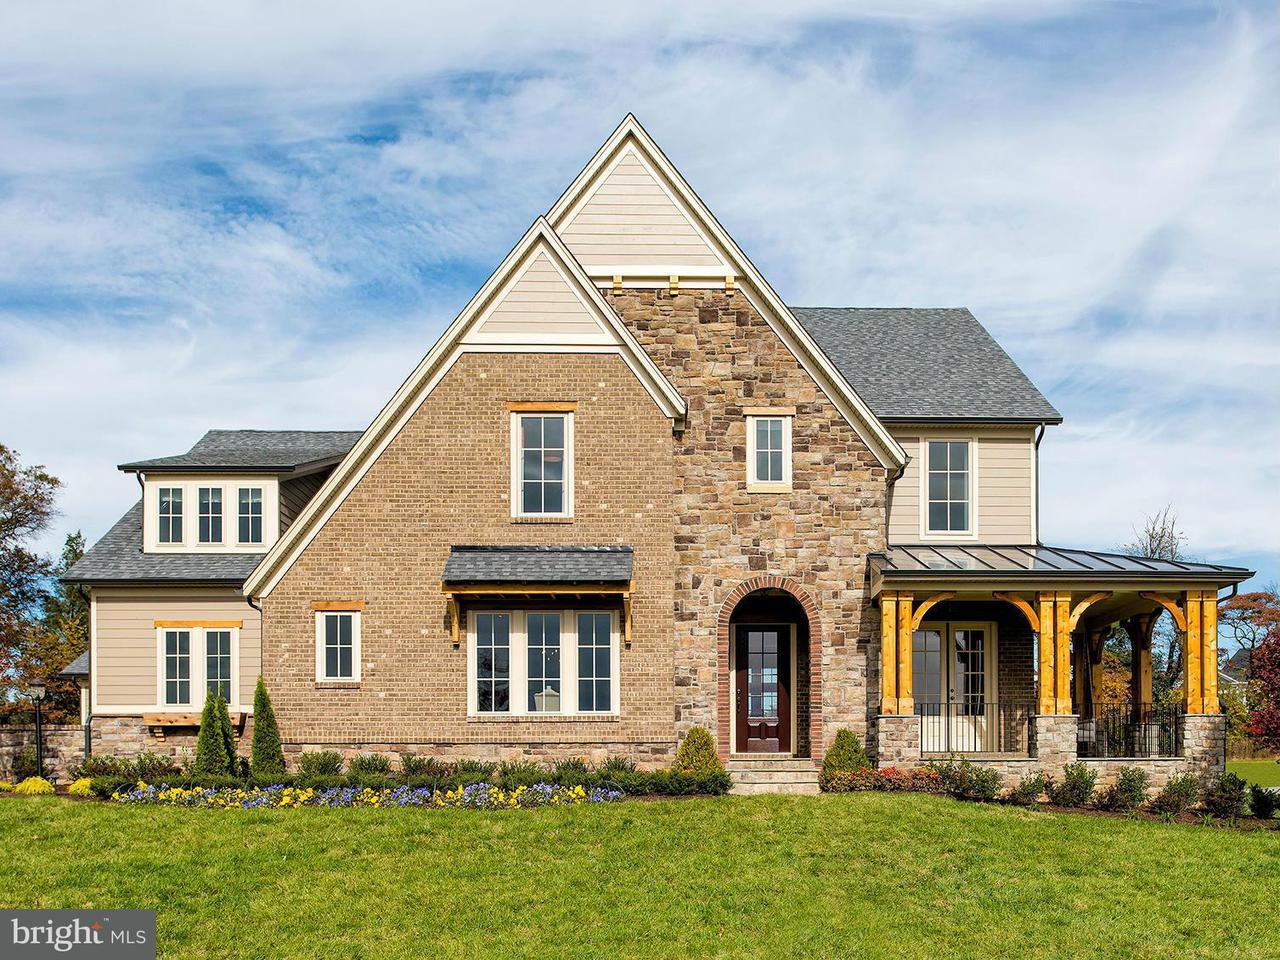 独户住宅 为 销售 在 40970 SWEET THORN Lane 40970 SWEET THORN Lane Aldie, 弗吉尼亚州 20105 美国